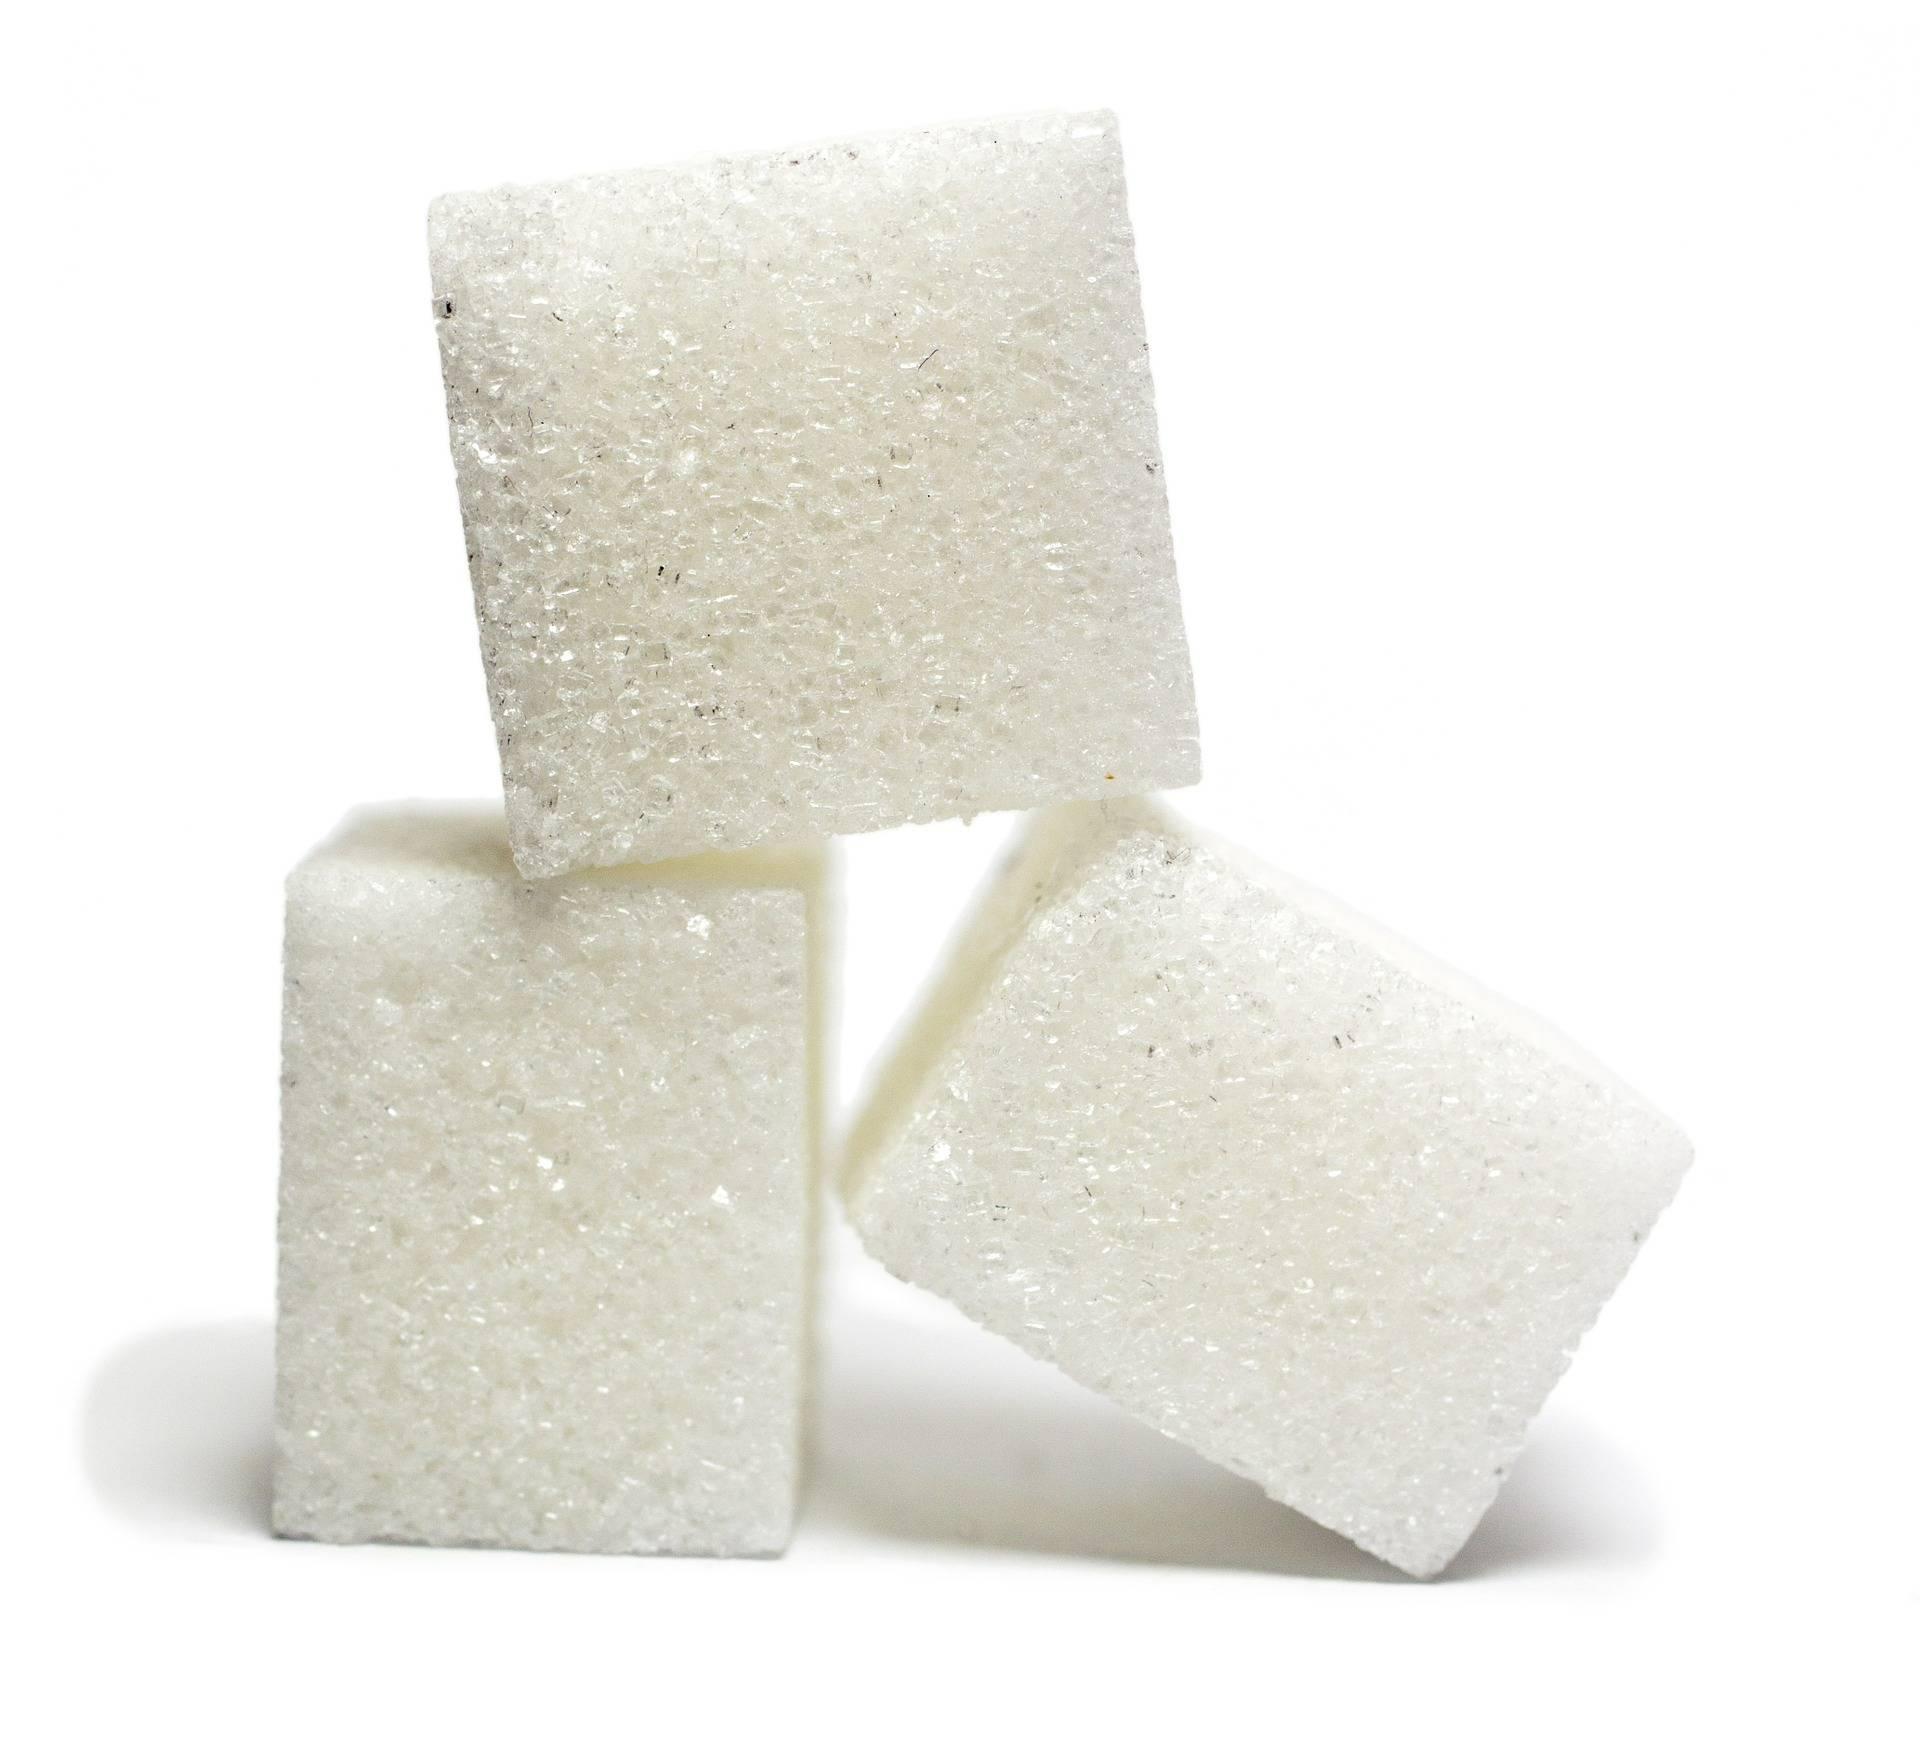 Вводится специальная маркировка продуктов с высоким содержанием сахара